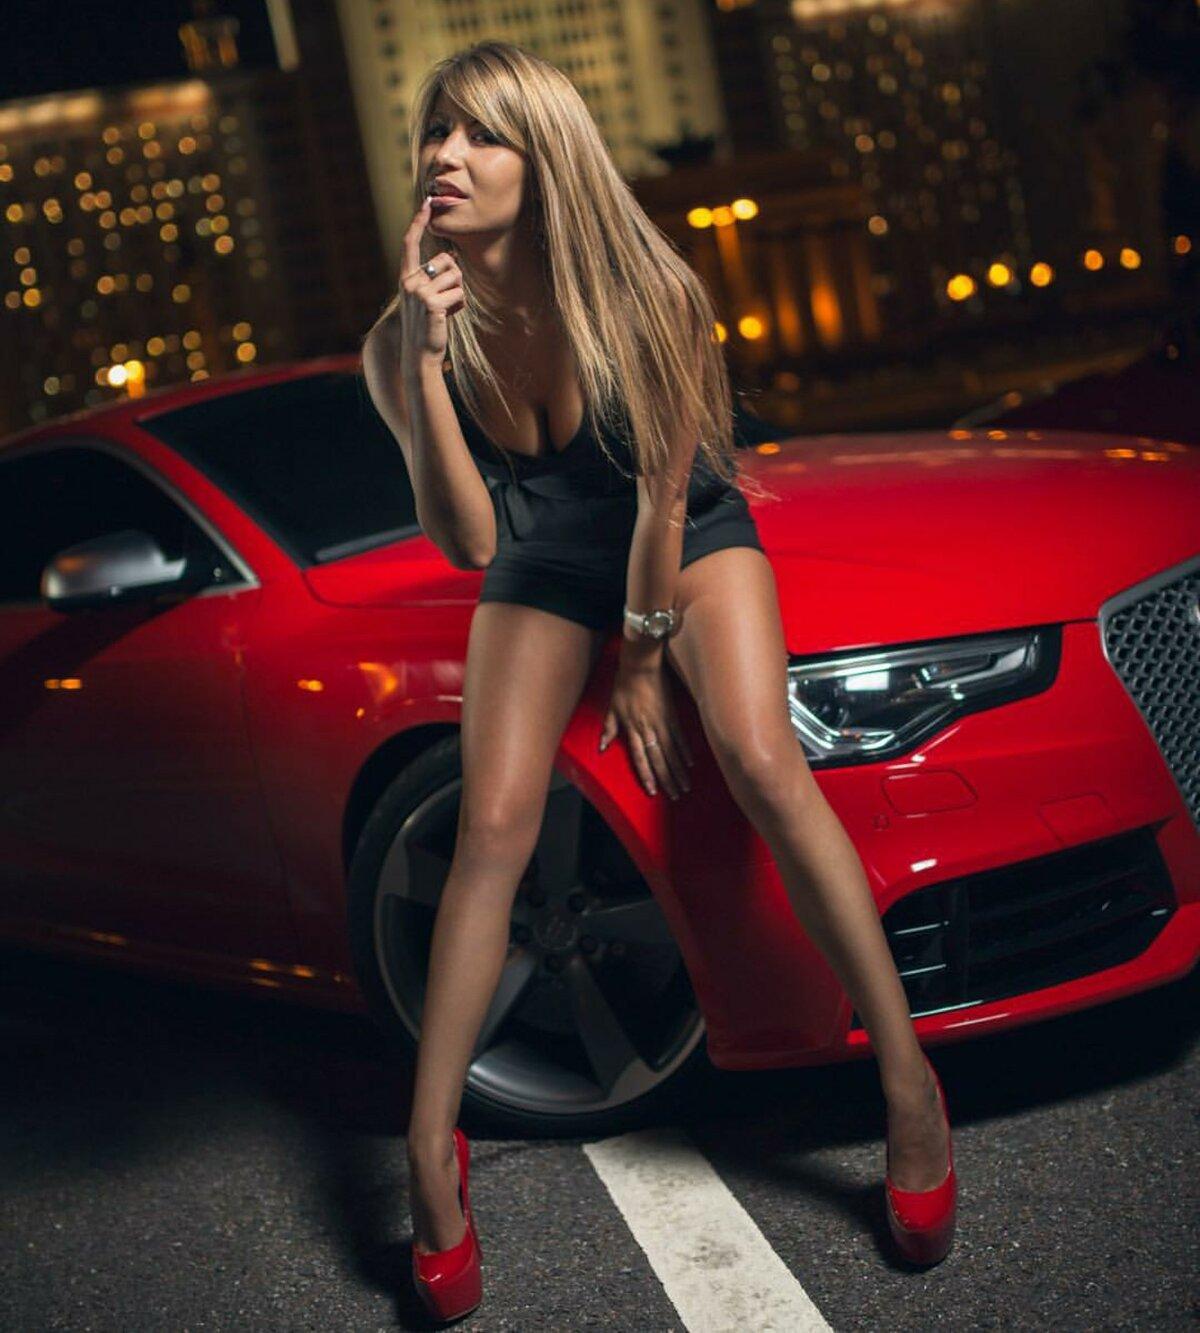 Девушка у машины картинка